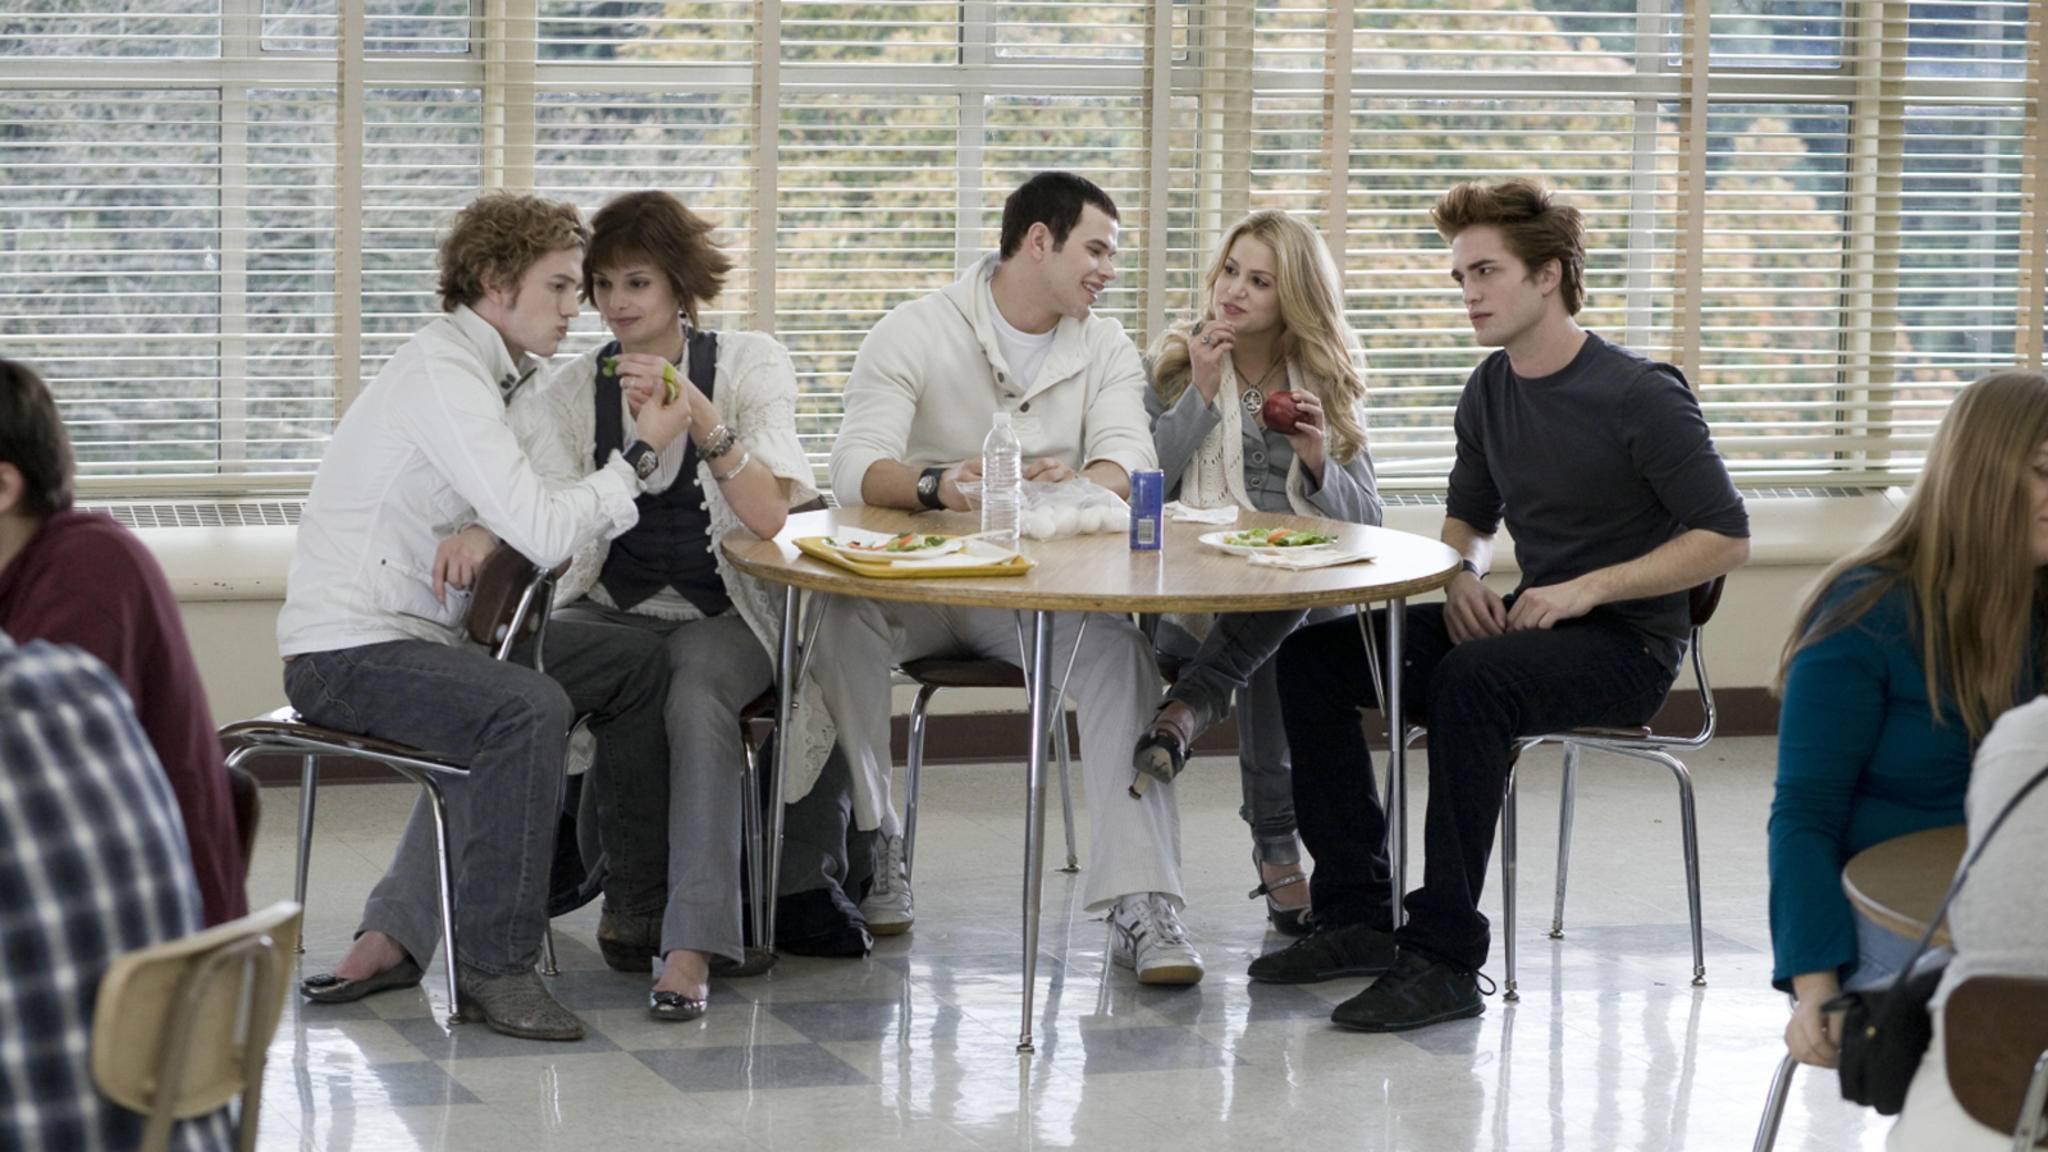 """Vom Teenie-Vampir zum Action-Helden? """"Twilight""""-Star Robert Pattinson (rechts im Bild) soll in Christopher Nolans neuem Film eine Hauptrolle spielen."""